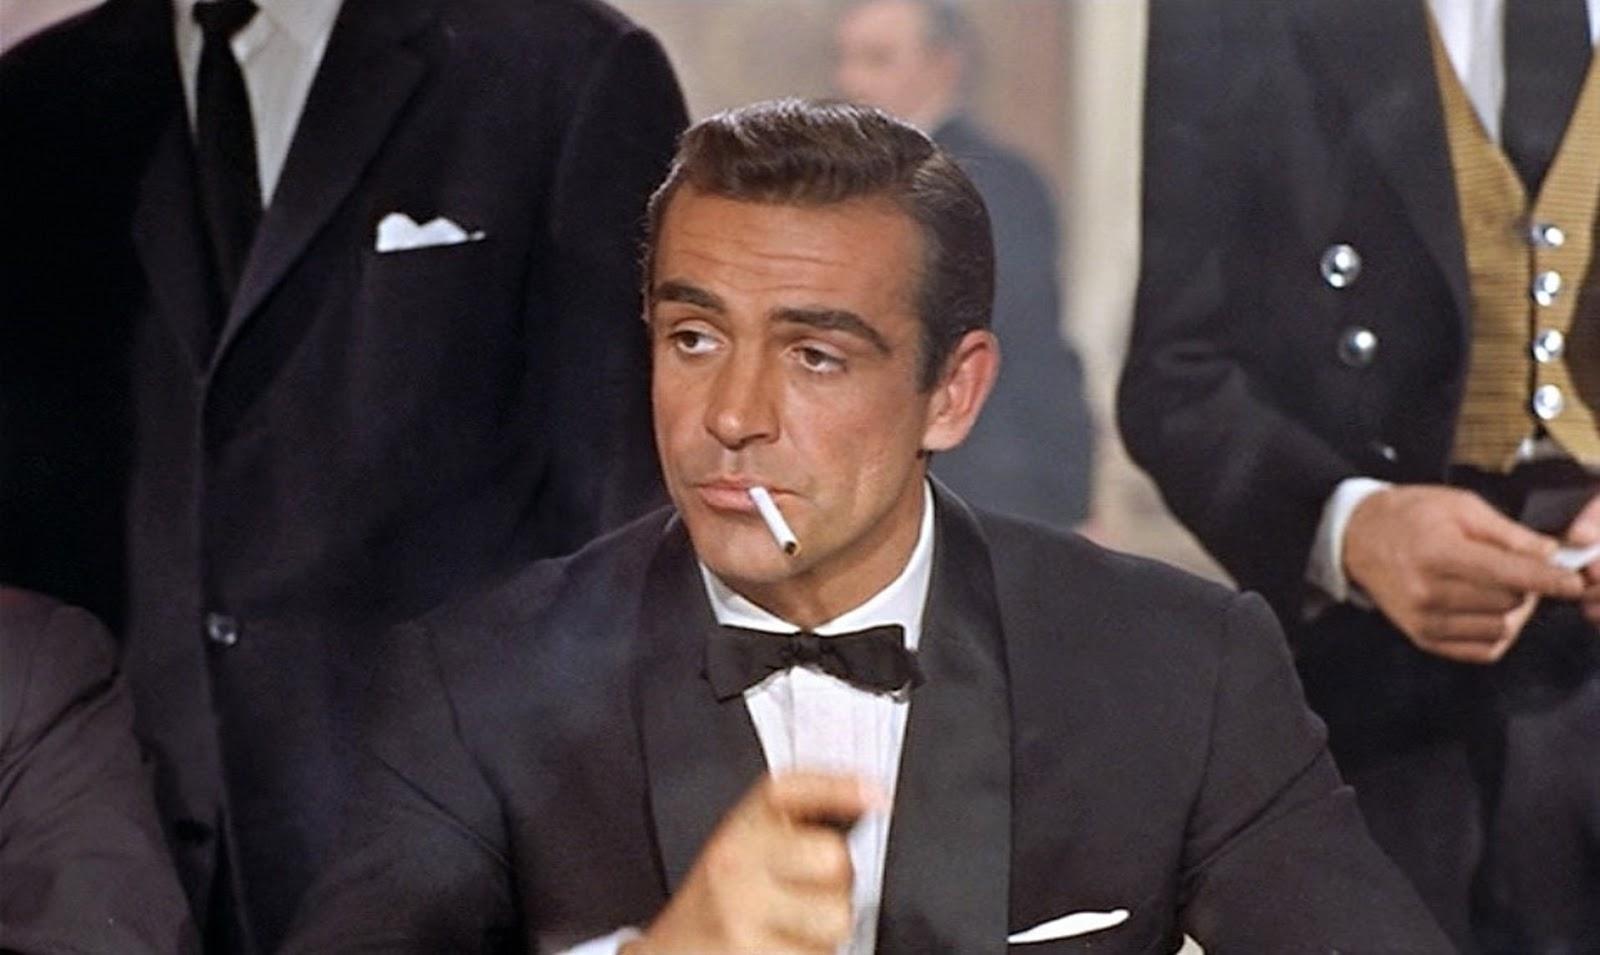 sean connery - Ator famoso por interpretar o primeiro agente 007 no cinema morre aos 90 anos